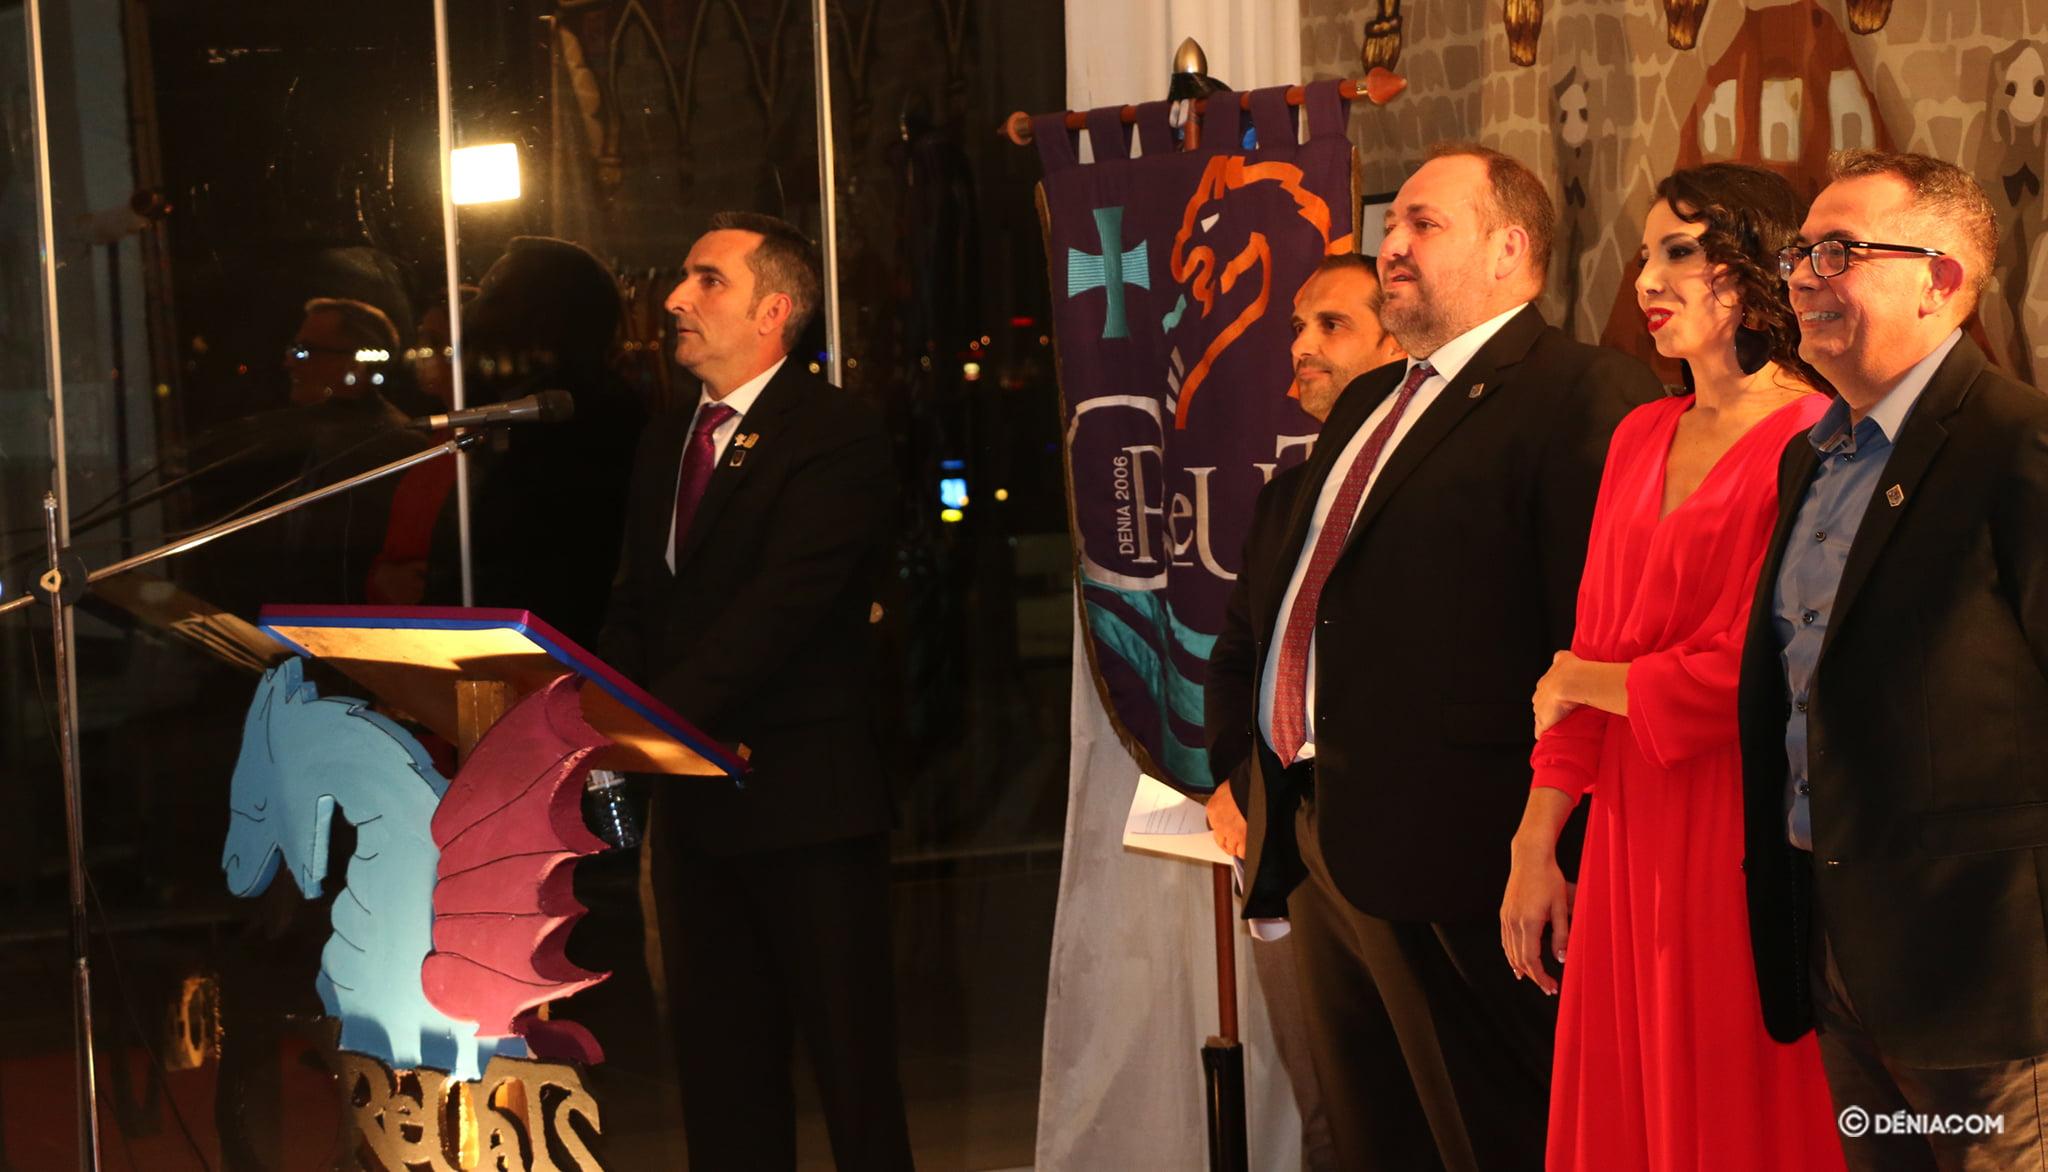 Representatives of the Filà Creuats